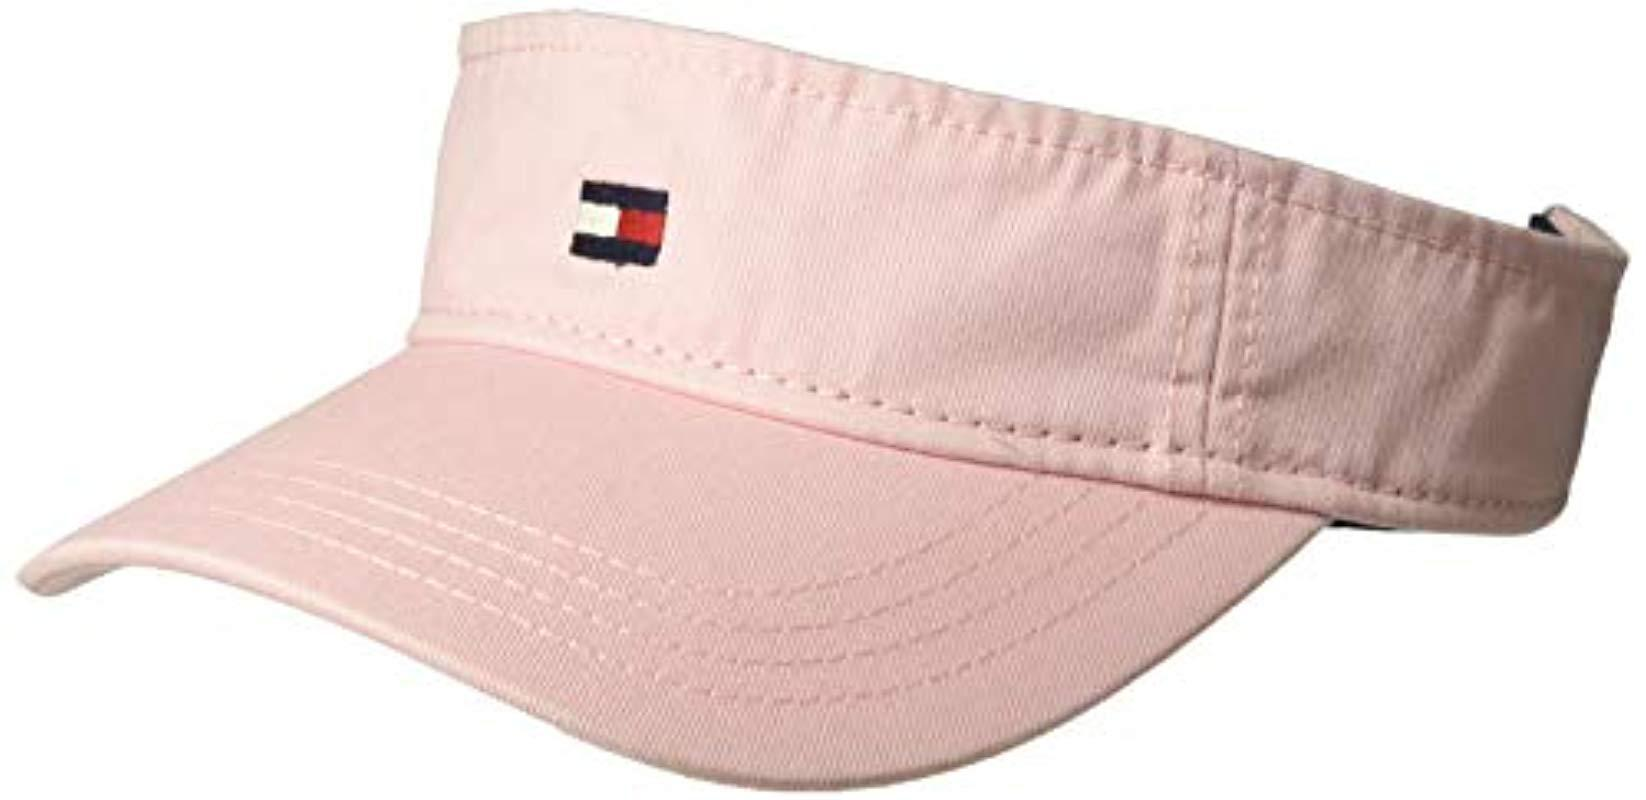 1f3afa90723 Lyst - Tommy Hilfiger Dad Hat Flag Solid Cotton Visor in Pink for Men